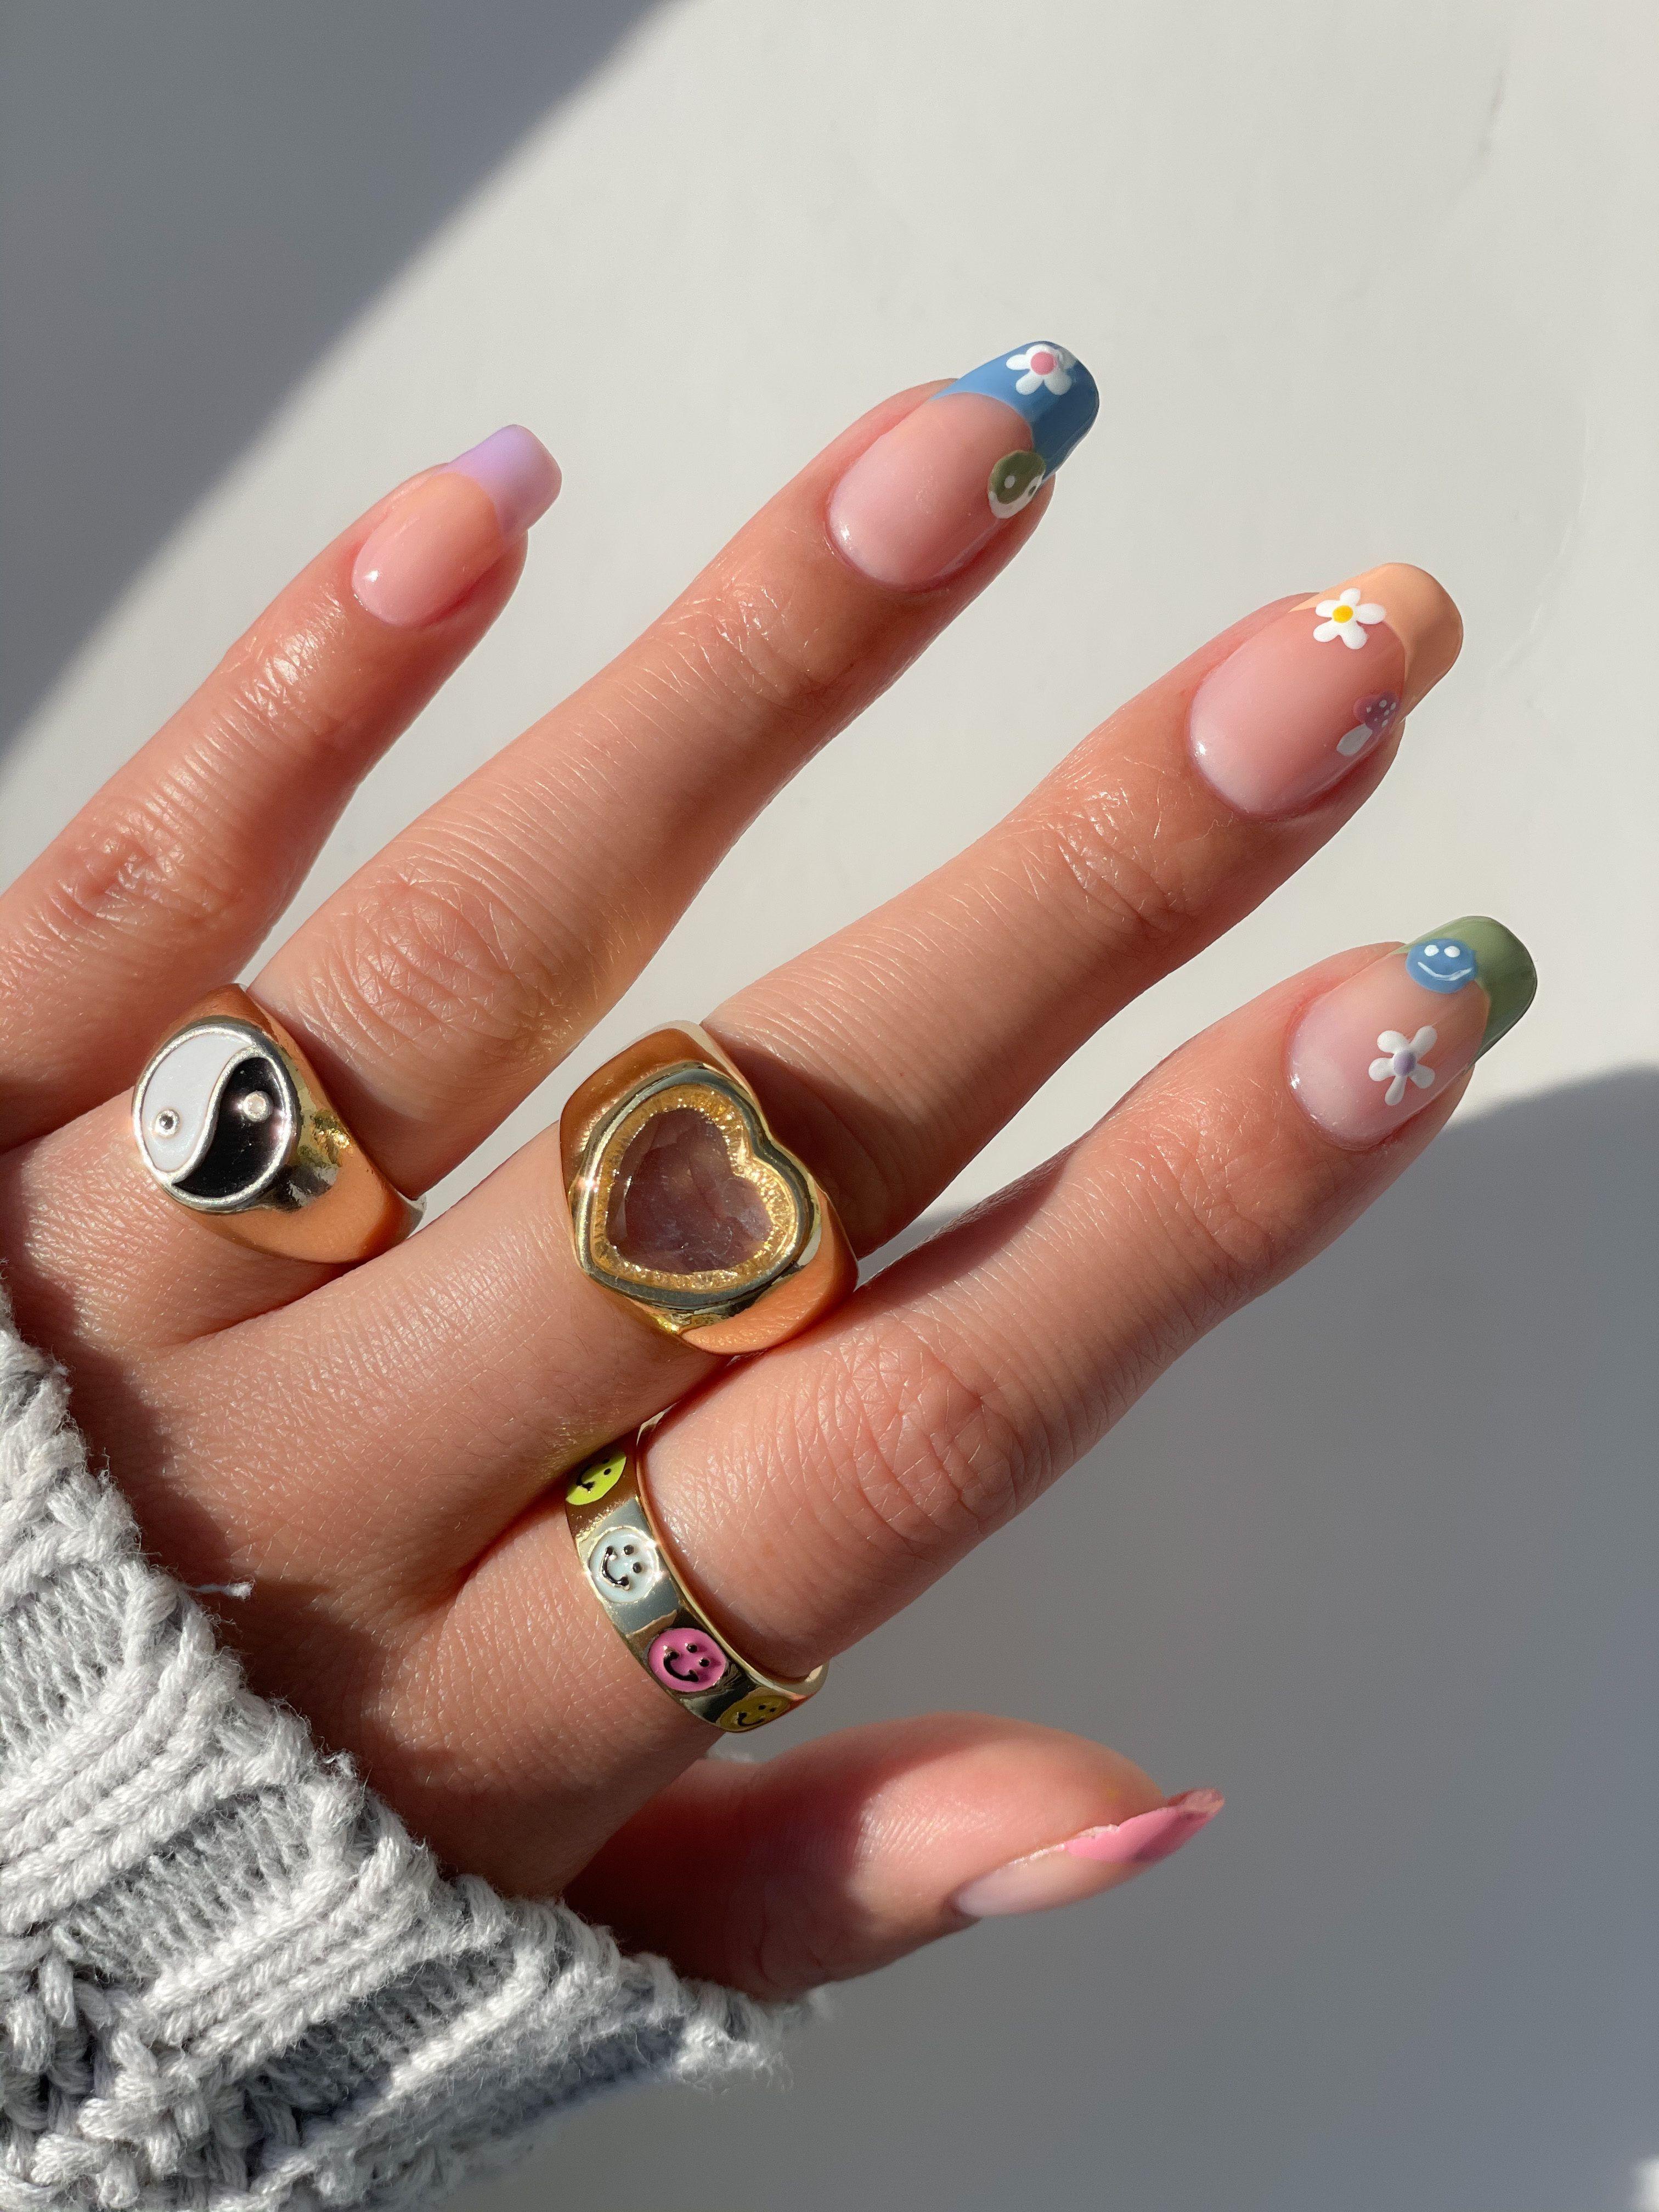 Pin by Kim Marie Vo on Nails! | Swag nails, Nails, Nail